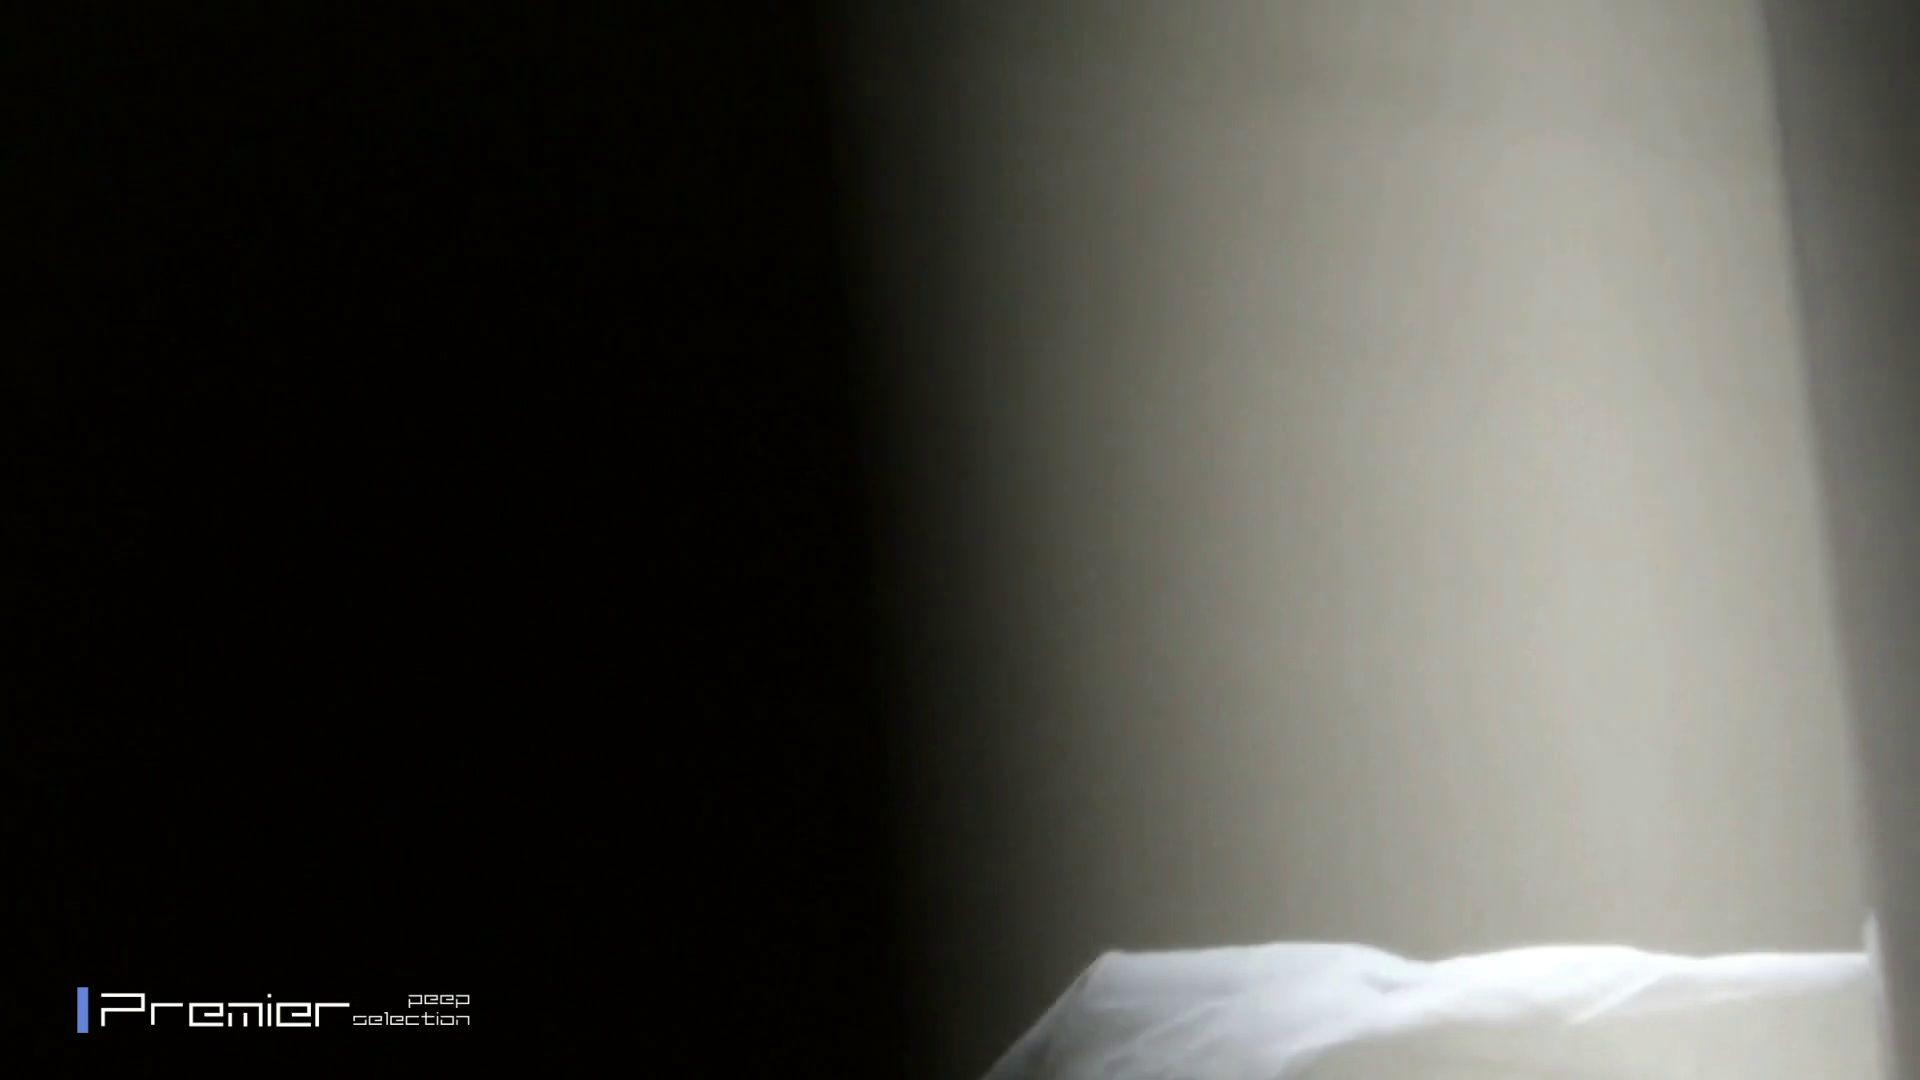 再生38分!マン毛剛毛超絶美女の私生活 美女達の私生活に潜入! 潜入  94連発 18